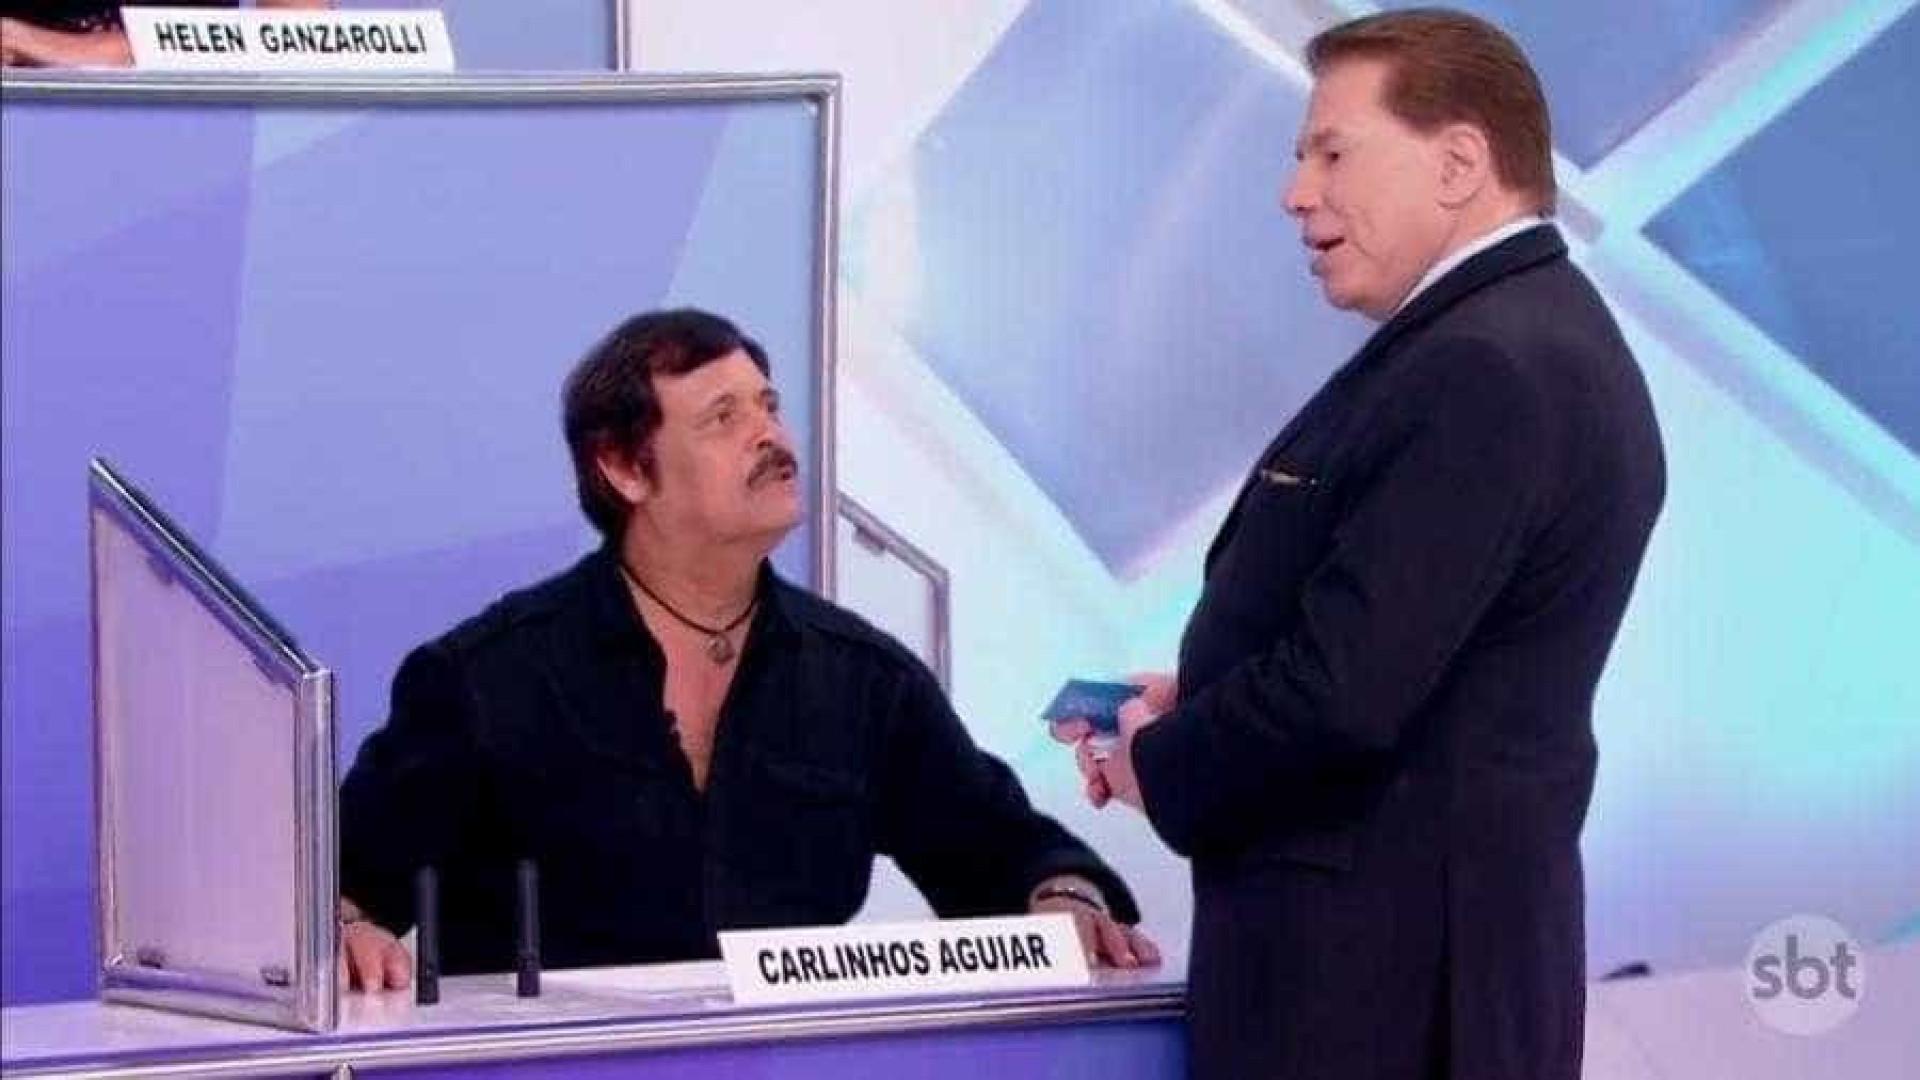 Após ser demitido do SBT, Carlinhos Aguiar é ignorado por Silvio Santos